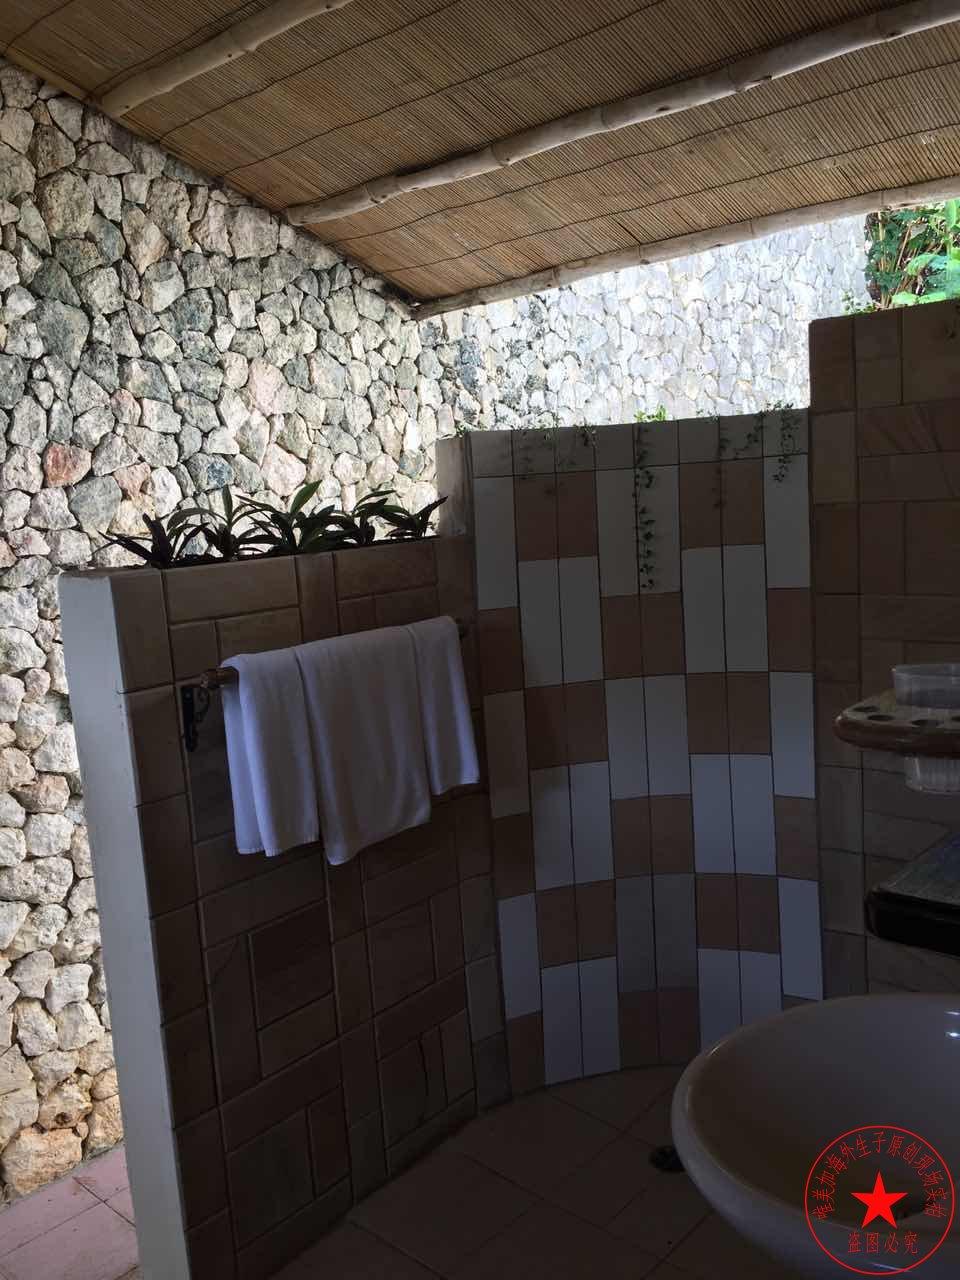 塞班岛生子中心外面浴室图